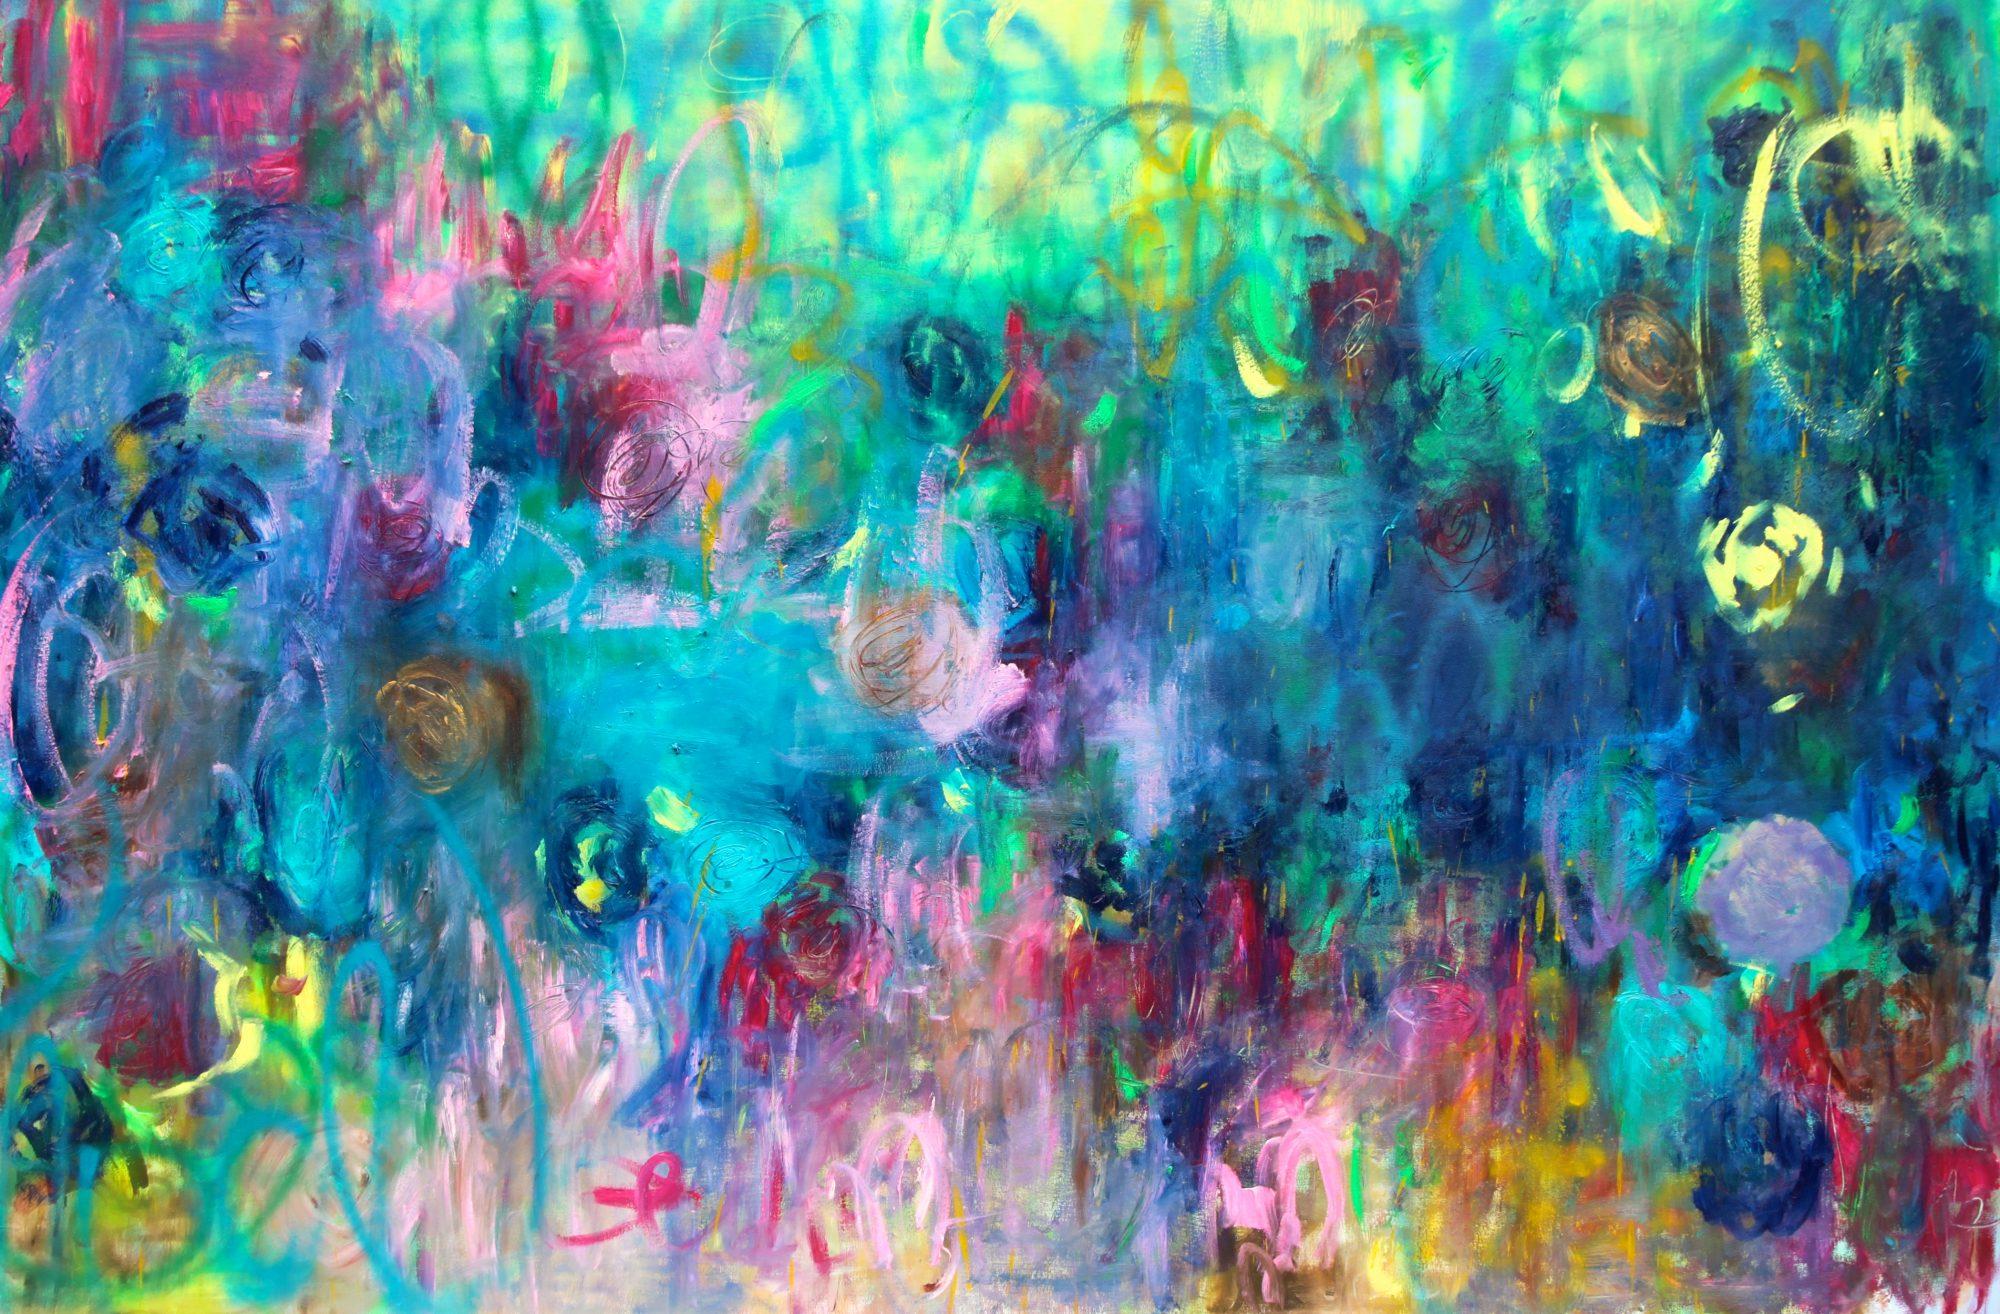 belinda-nadwie-art-australian-artist-its-only-love1